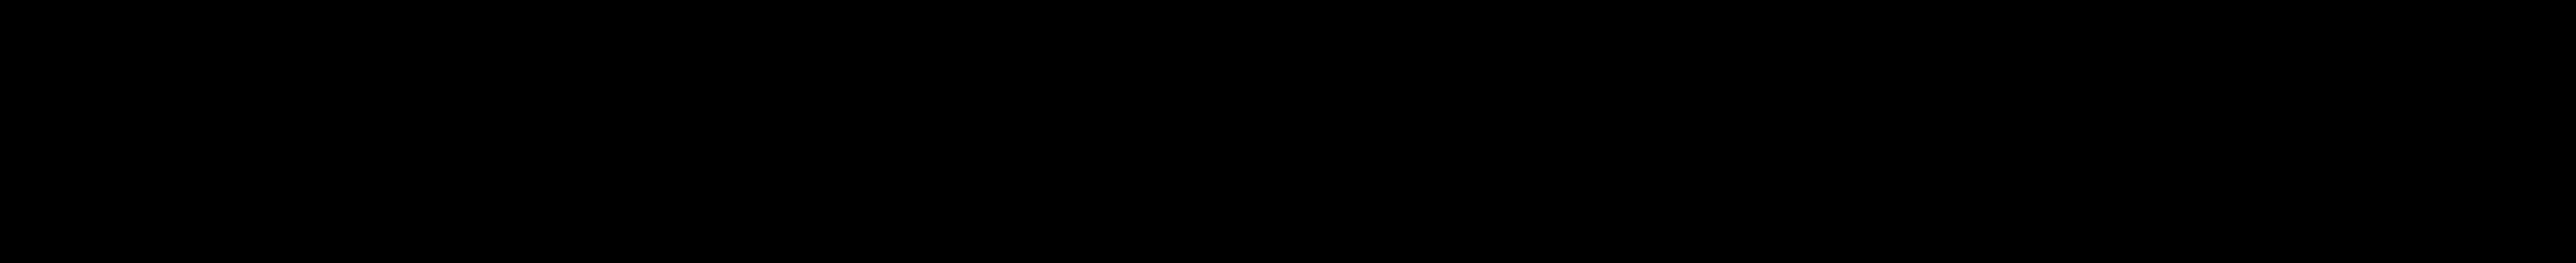 대명화학의 계열사 (주)파인드폼의 로고